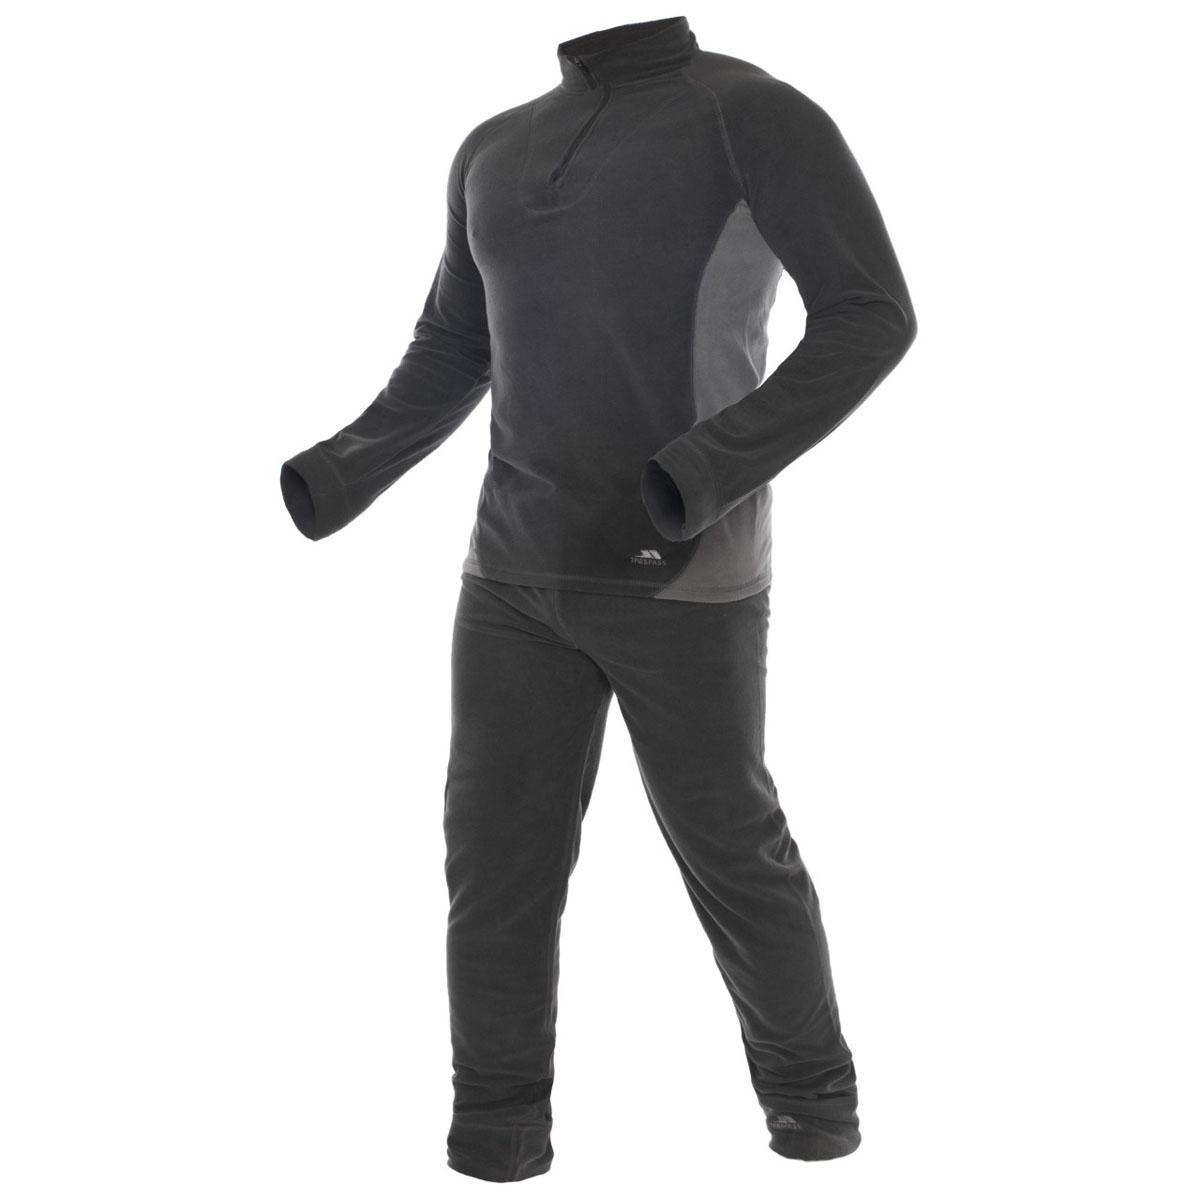 Термобелье комплект (брюки и кофта)UABLSEF20001Комплект термобелья Trespass Thriller изготовлен из полиэстера и дополнен короткой молнией. Он обеспечивает отвод лишней влаги, сохраняет тело сухим. Отлично подходит для занятия спортом.